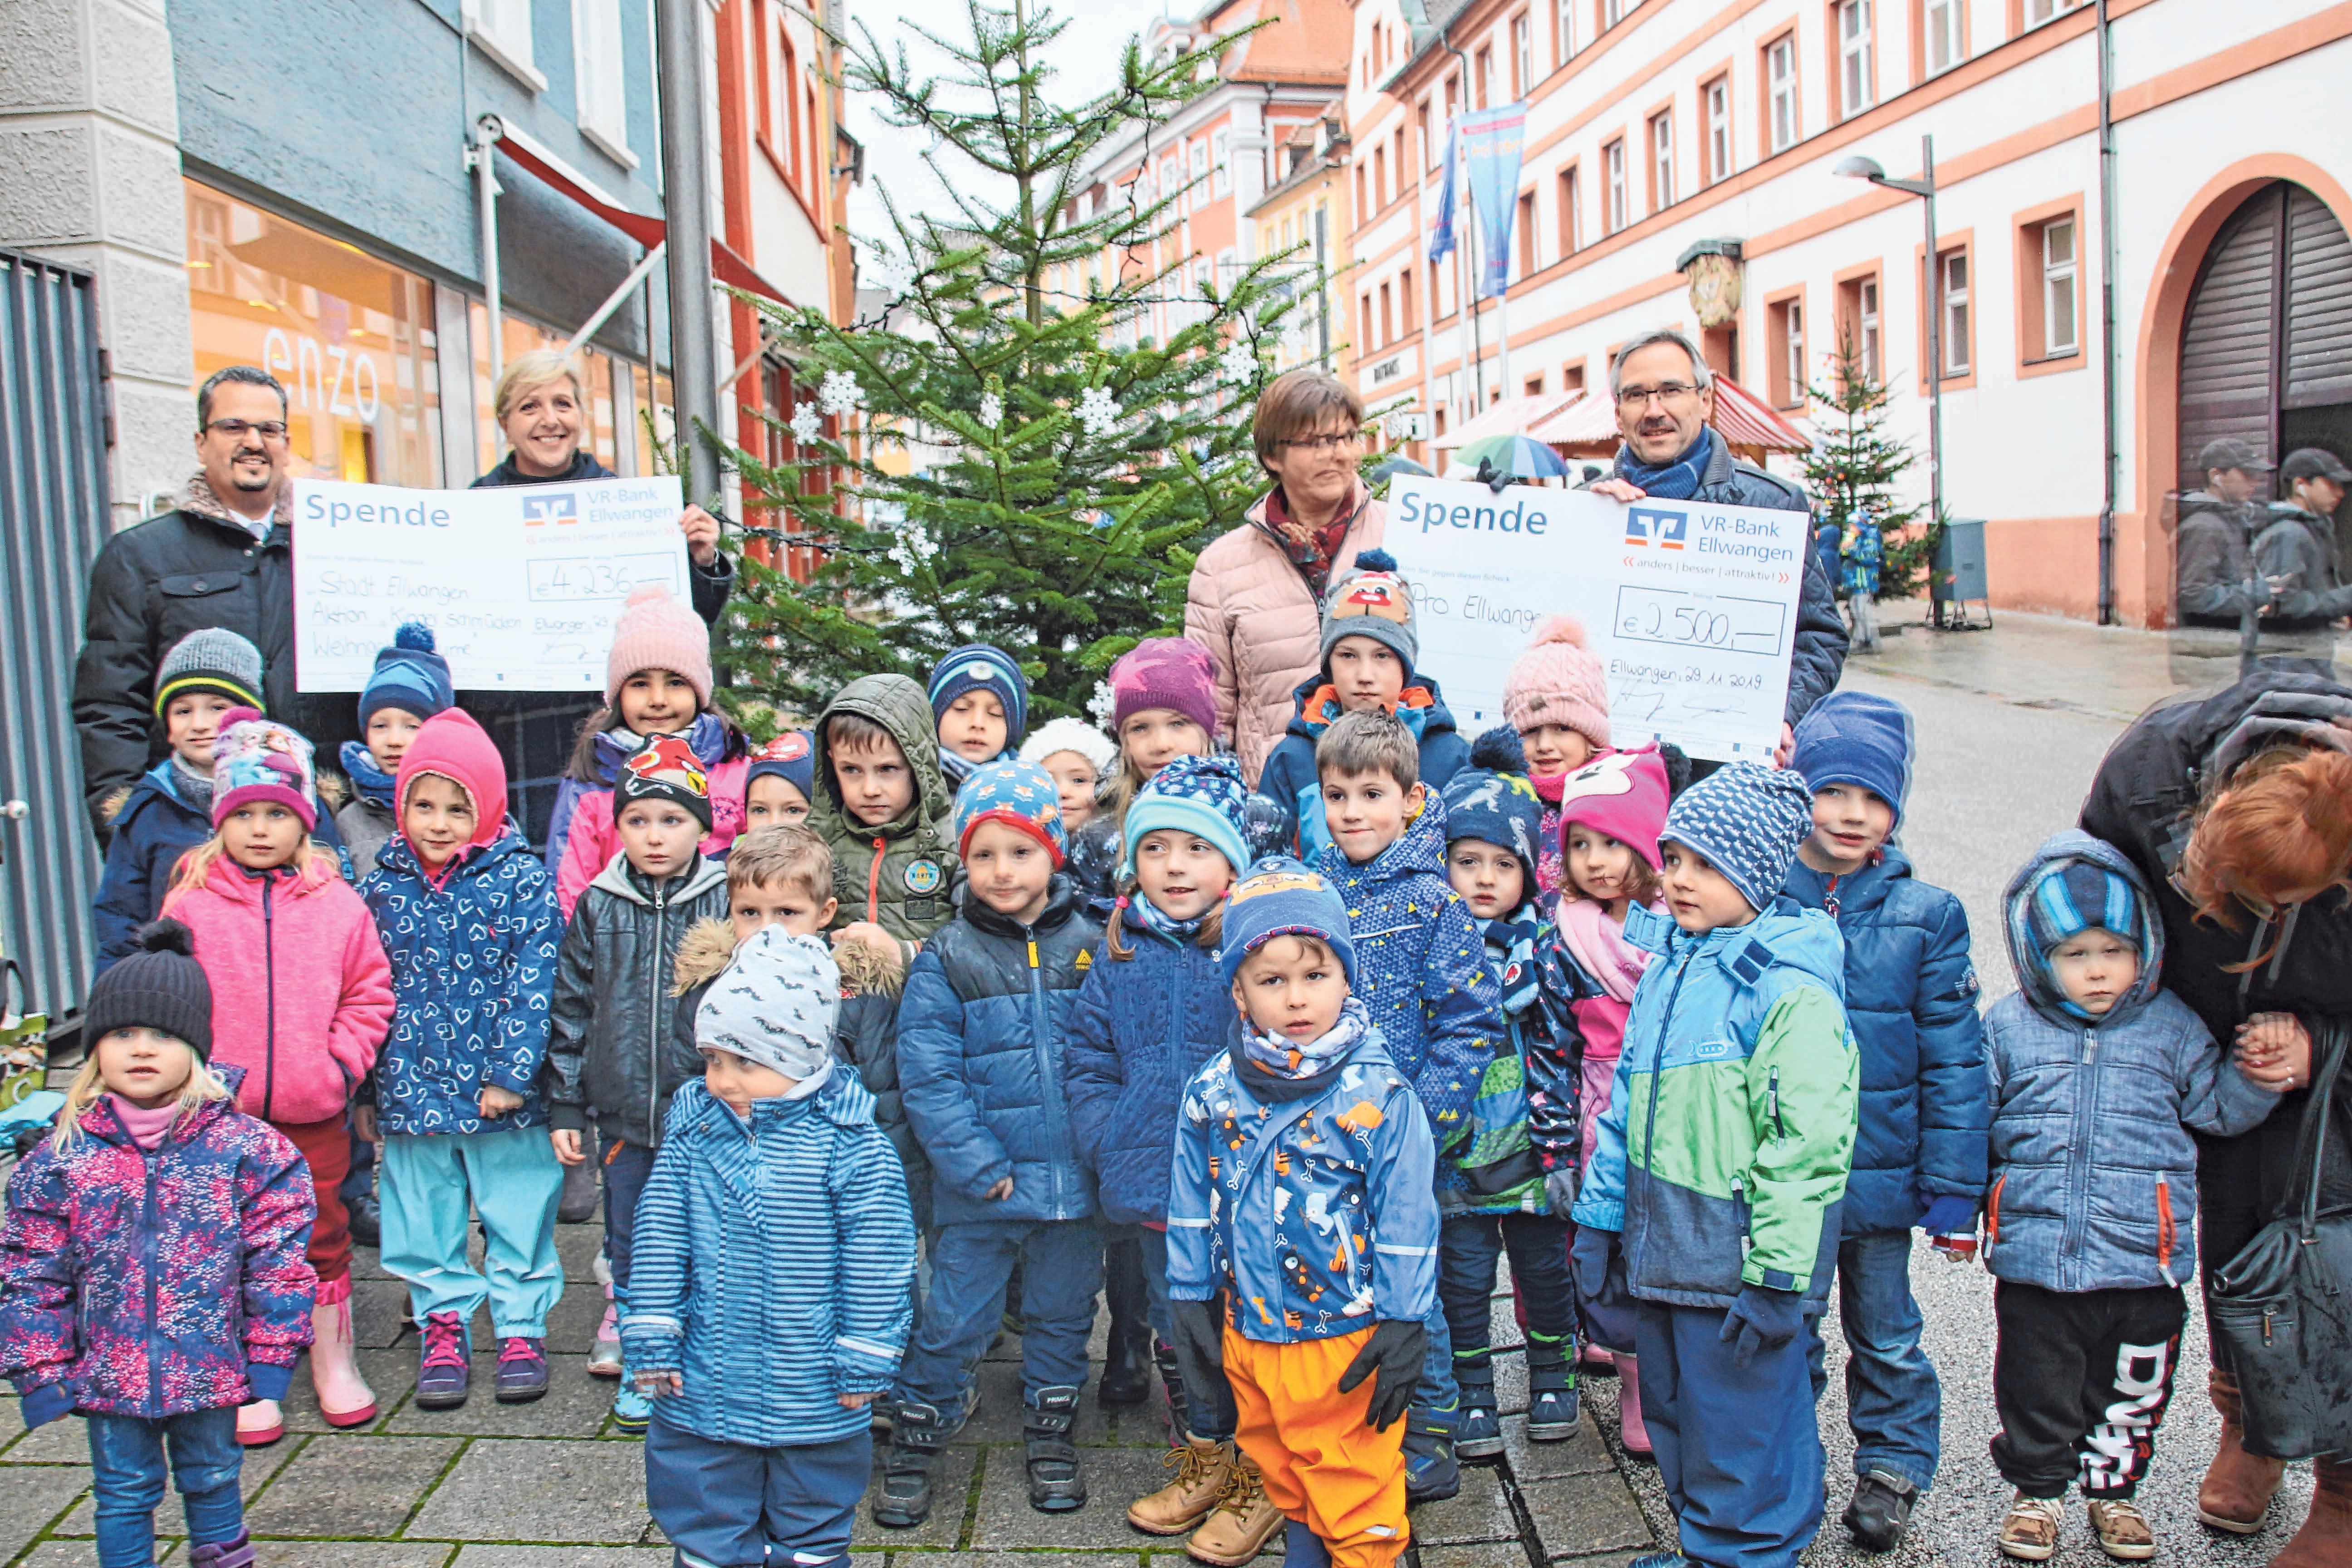 Einen von 63 Weihnachtsbäumen hat der Kindergarten Sankt Martin vergangenen Freitag in der Ellwanger Innenstadt geschmückt. Auf dem Foto zu sehen sind (von links): Bernd Finkbeiner (VR-Bank), Citymanagerin Verena Kiedaisch, Kindergartenleiterin Regina Mayer, Jürgen Hornung (VR-Bank) und die Kindergartenkinder. FOTO: AS